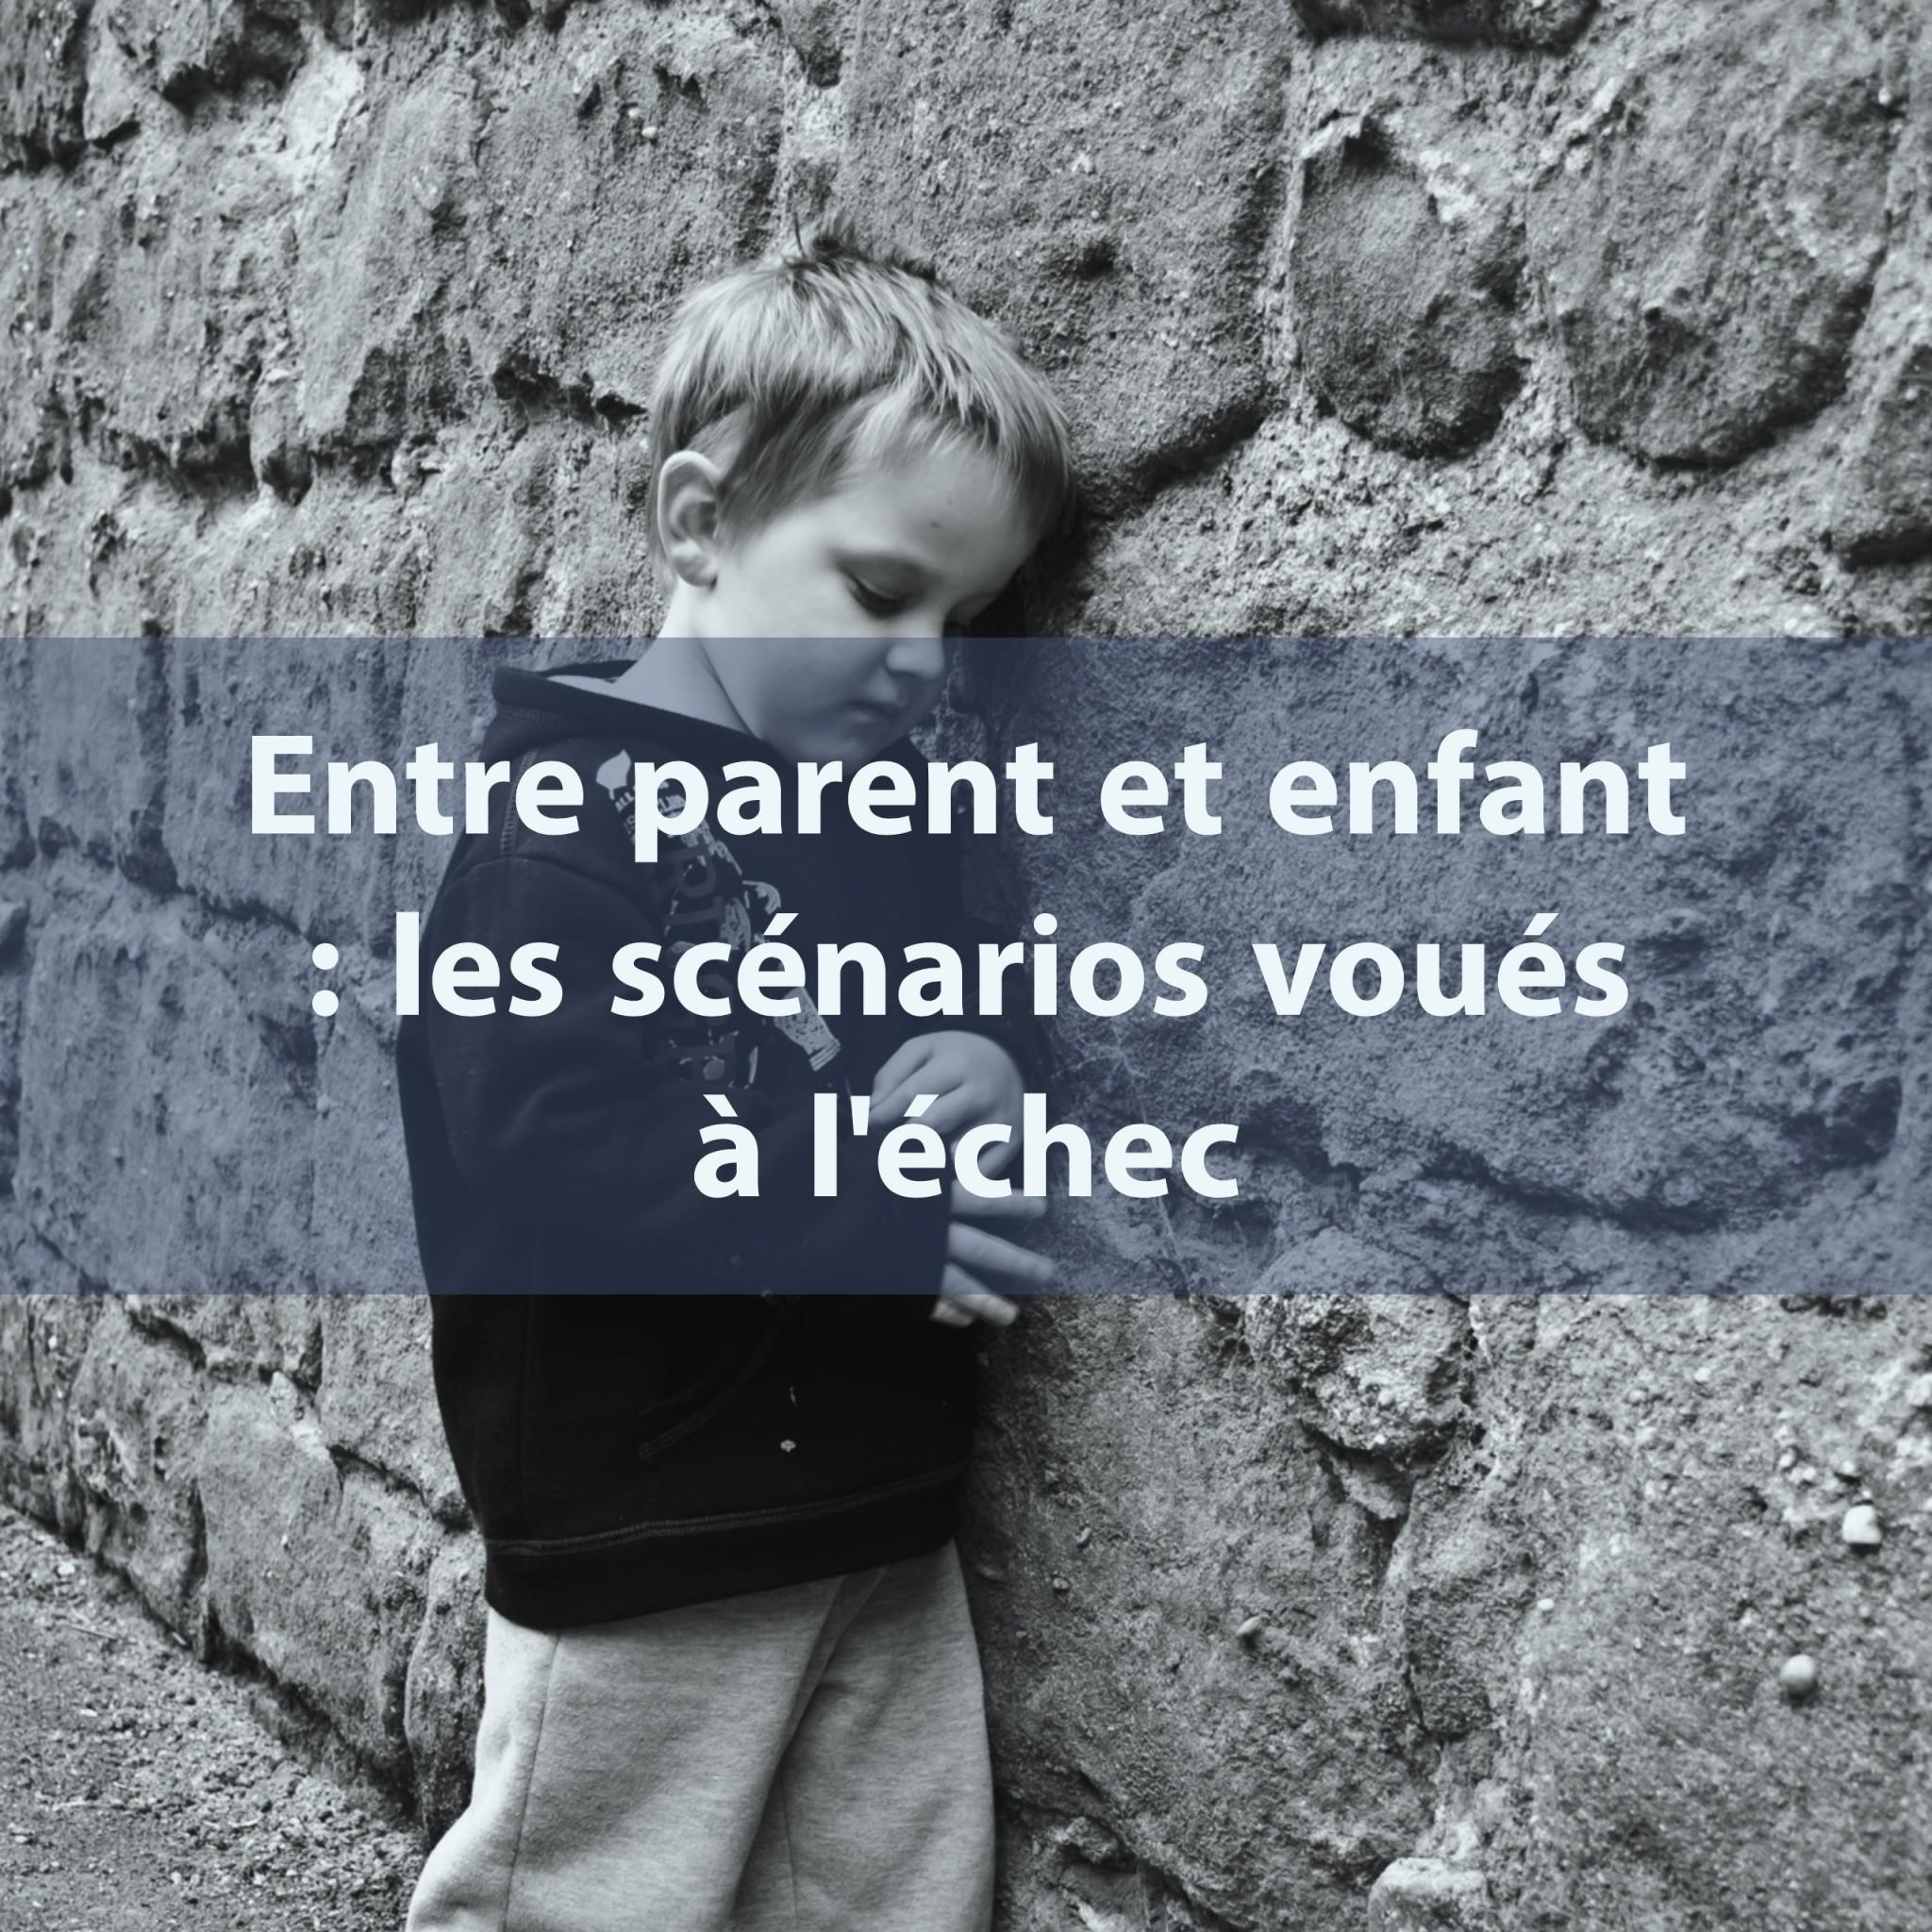 Entre parent et enfant les scénarios voués à l'échec